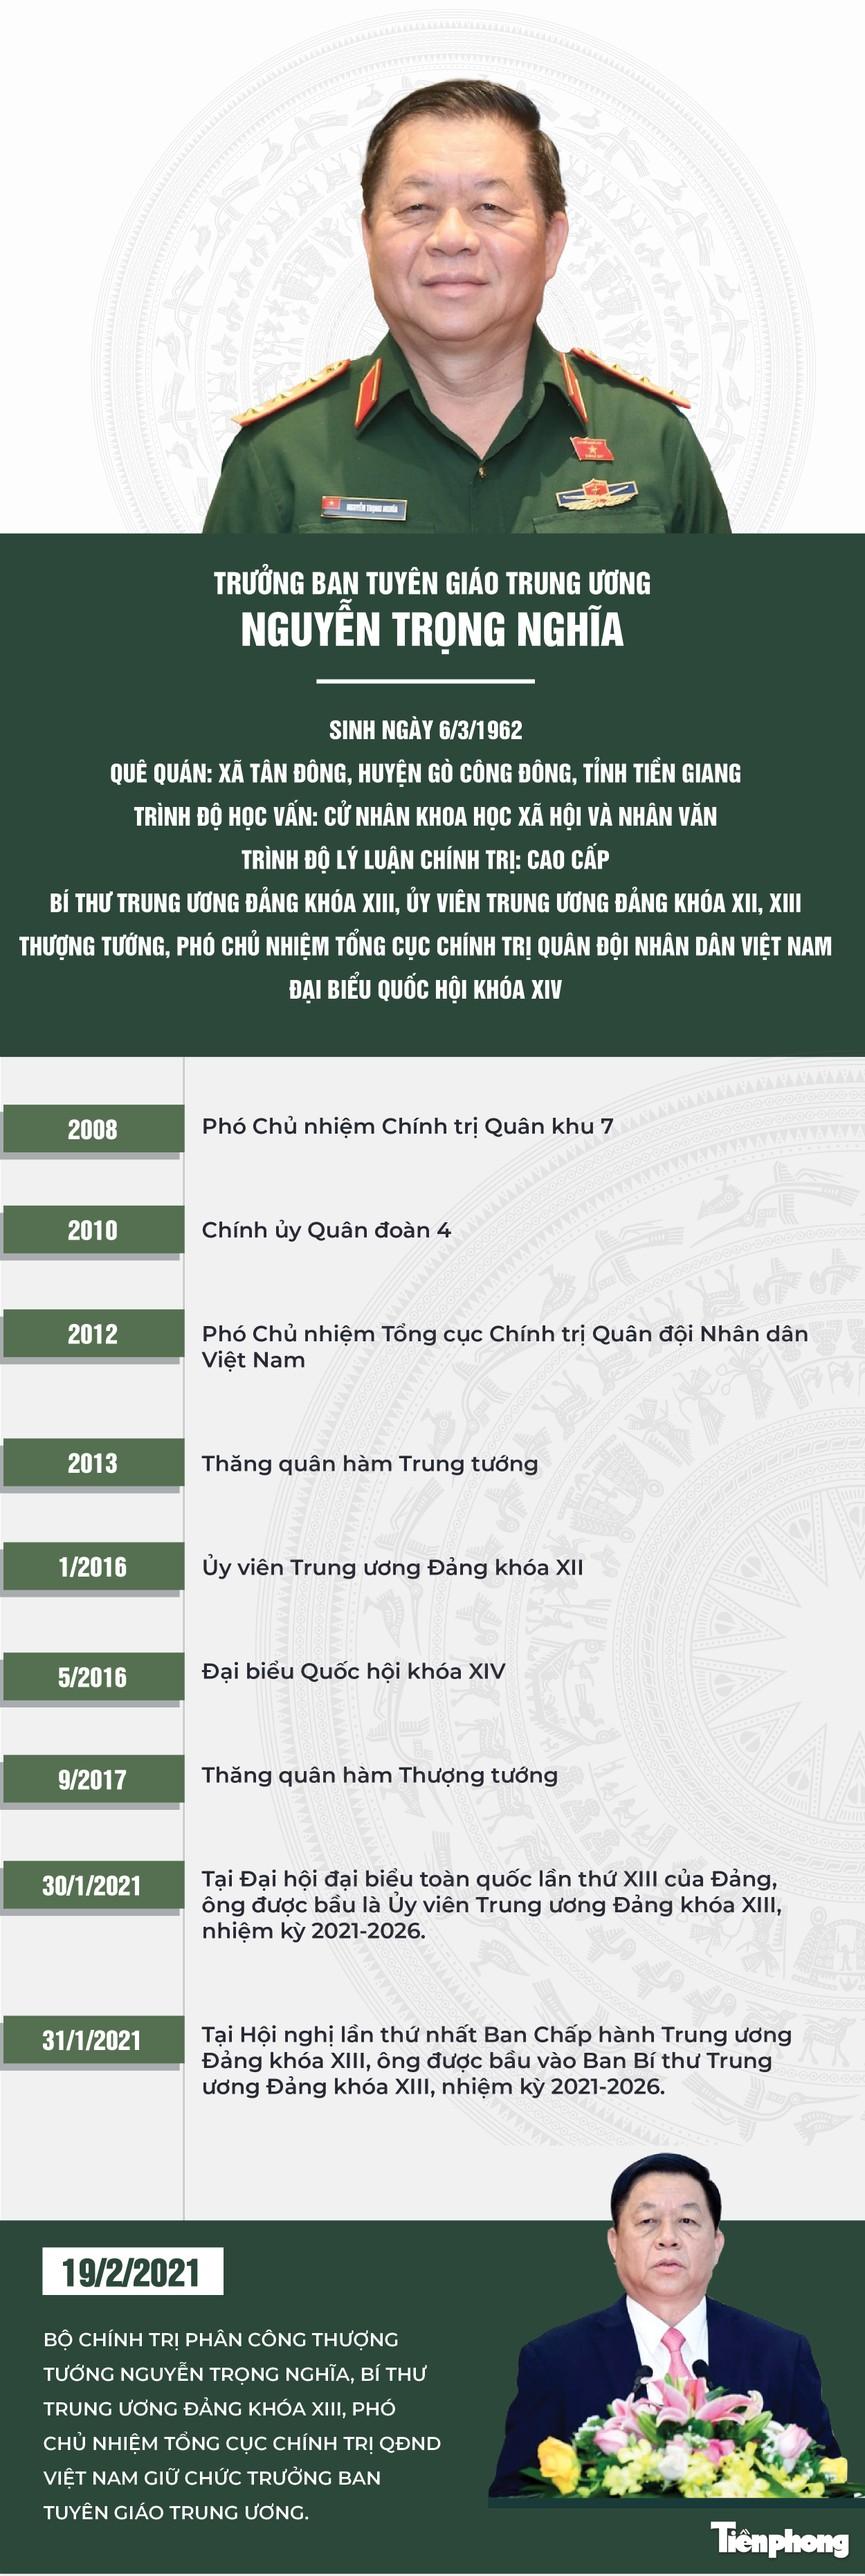 Chân dung tân Trưởng ban Tuyên giáo Trung ương Nguyễn Trọng Nghĩa - ảnh 1